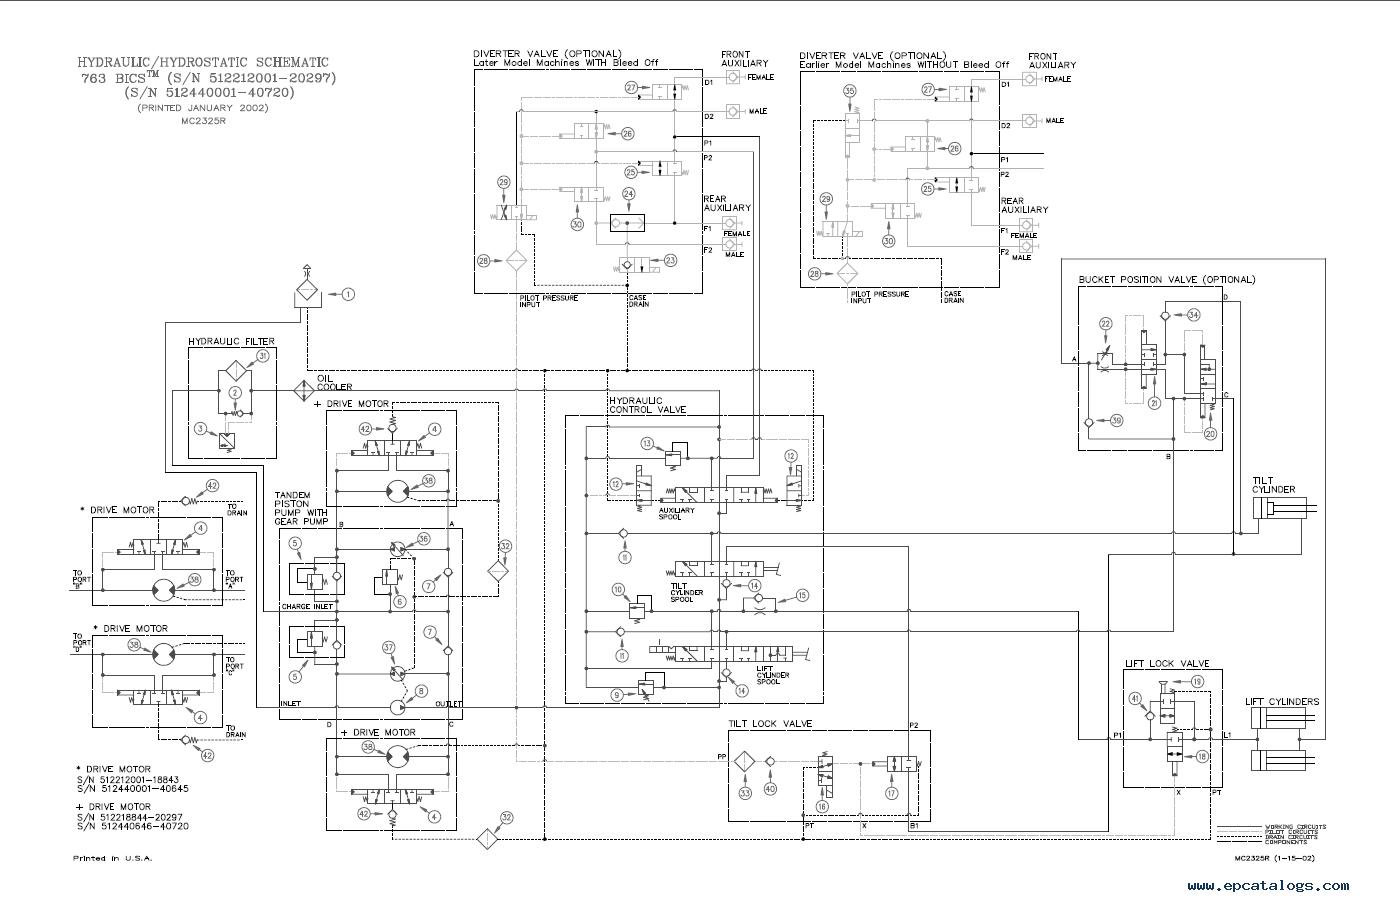 Mustang Skid Steer Wiring Diagrams 1982 - Wiring Diagram Text  glow-philosophy - glow-philosophy.albergoristorantecanzo.it | Mustang Skid Loader Wiring Diagram |  | glow-philosophy.albergoristorantecanzo.it